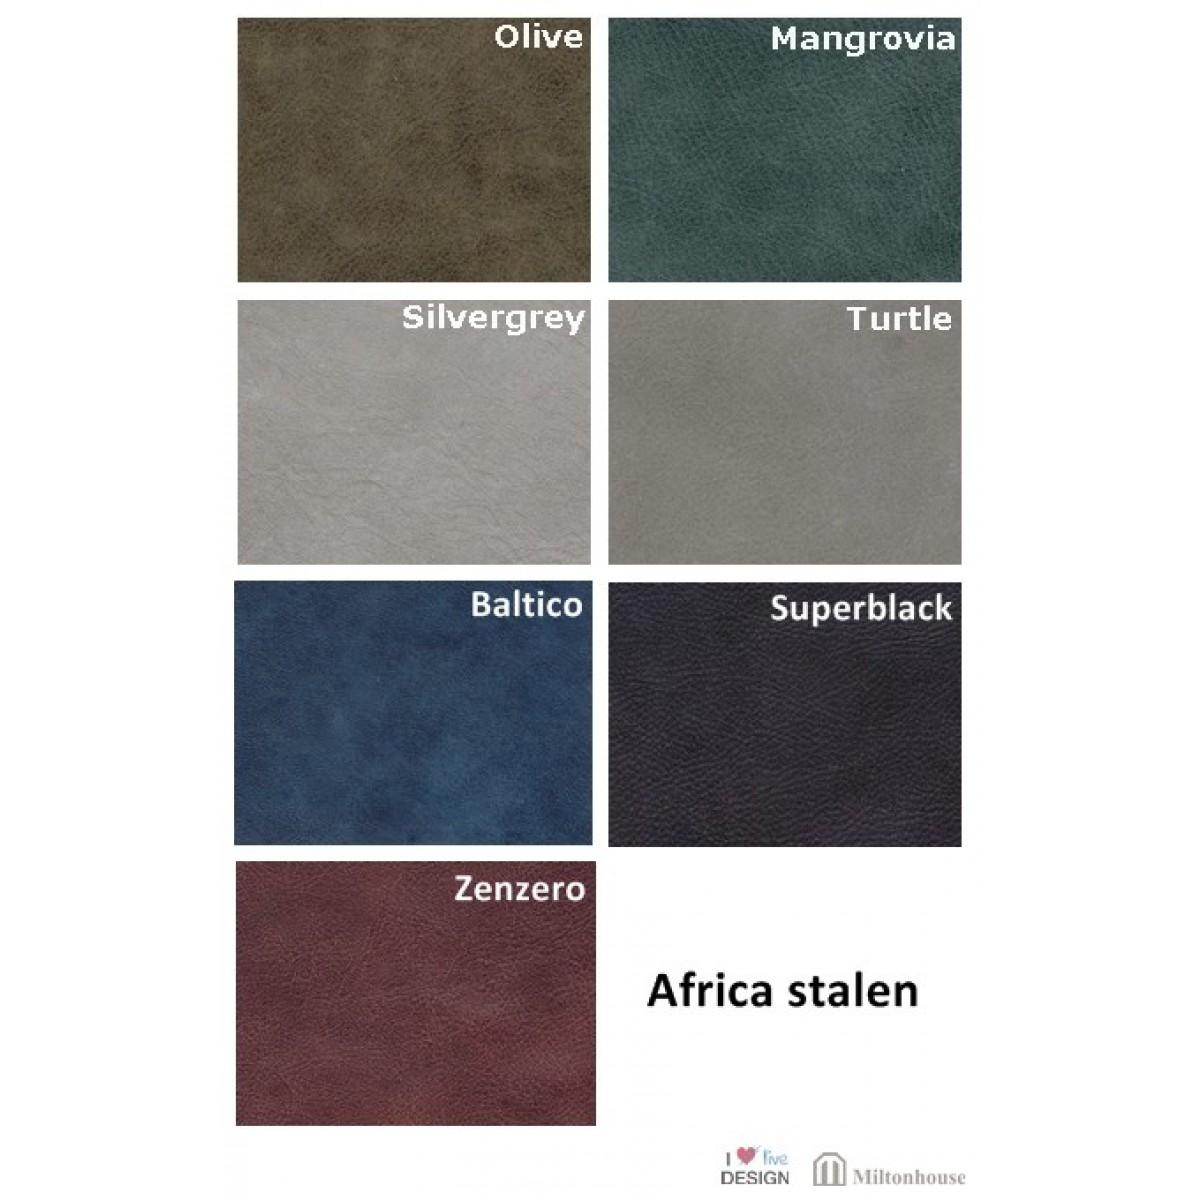 africa-leer-leder-het-anker-stalen-1